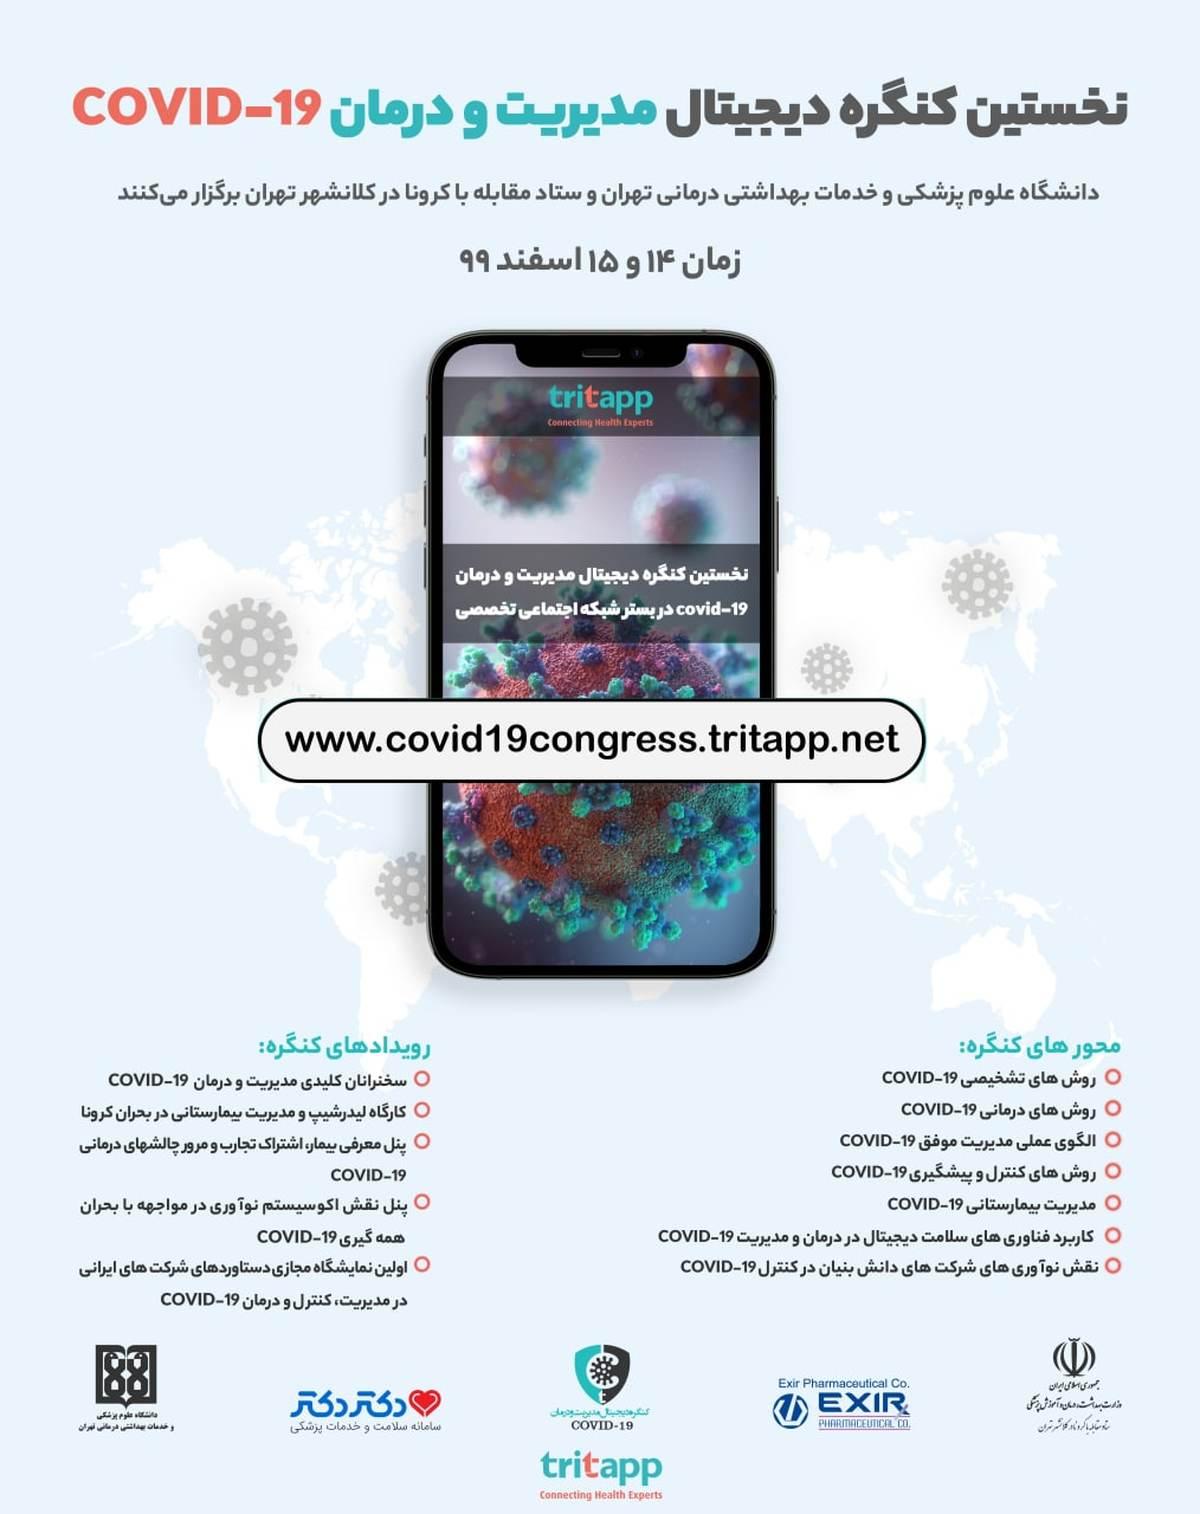 نخستین کنگره دیجیتال مدیریت و درمان COVID-19